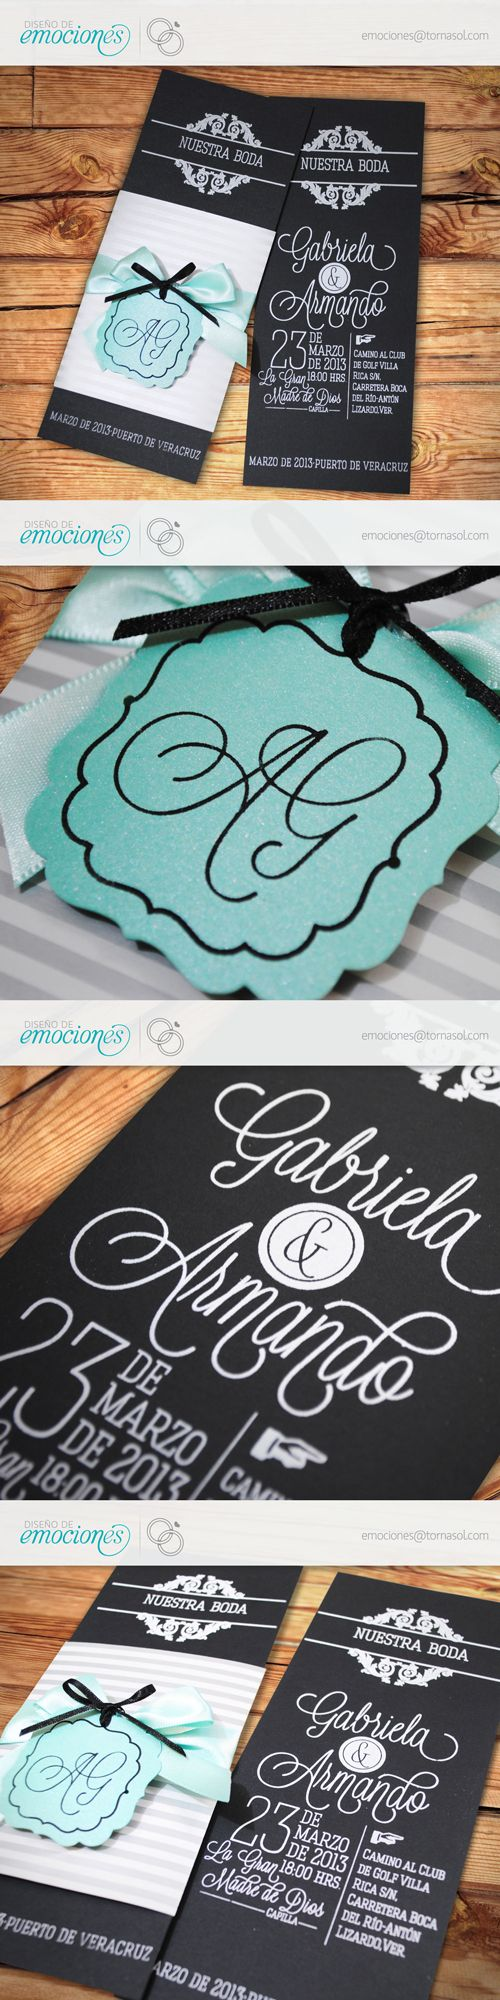 Sencilla y elegante invitación para boda. Impresa en serigrafía con cintillo en papel de fantasía. Cierra con monograma suajado con las iniciales de los novios y listón. Formal en negro y plata con detalles en menta